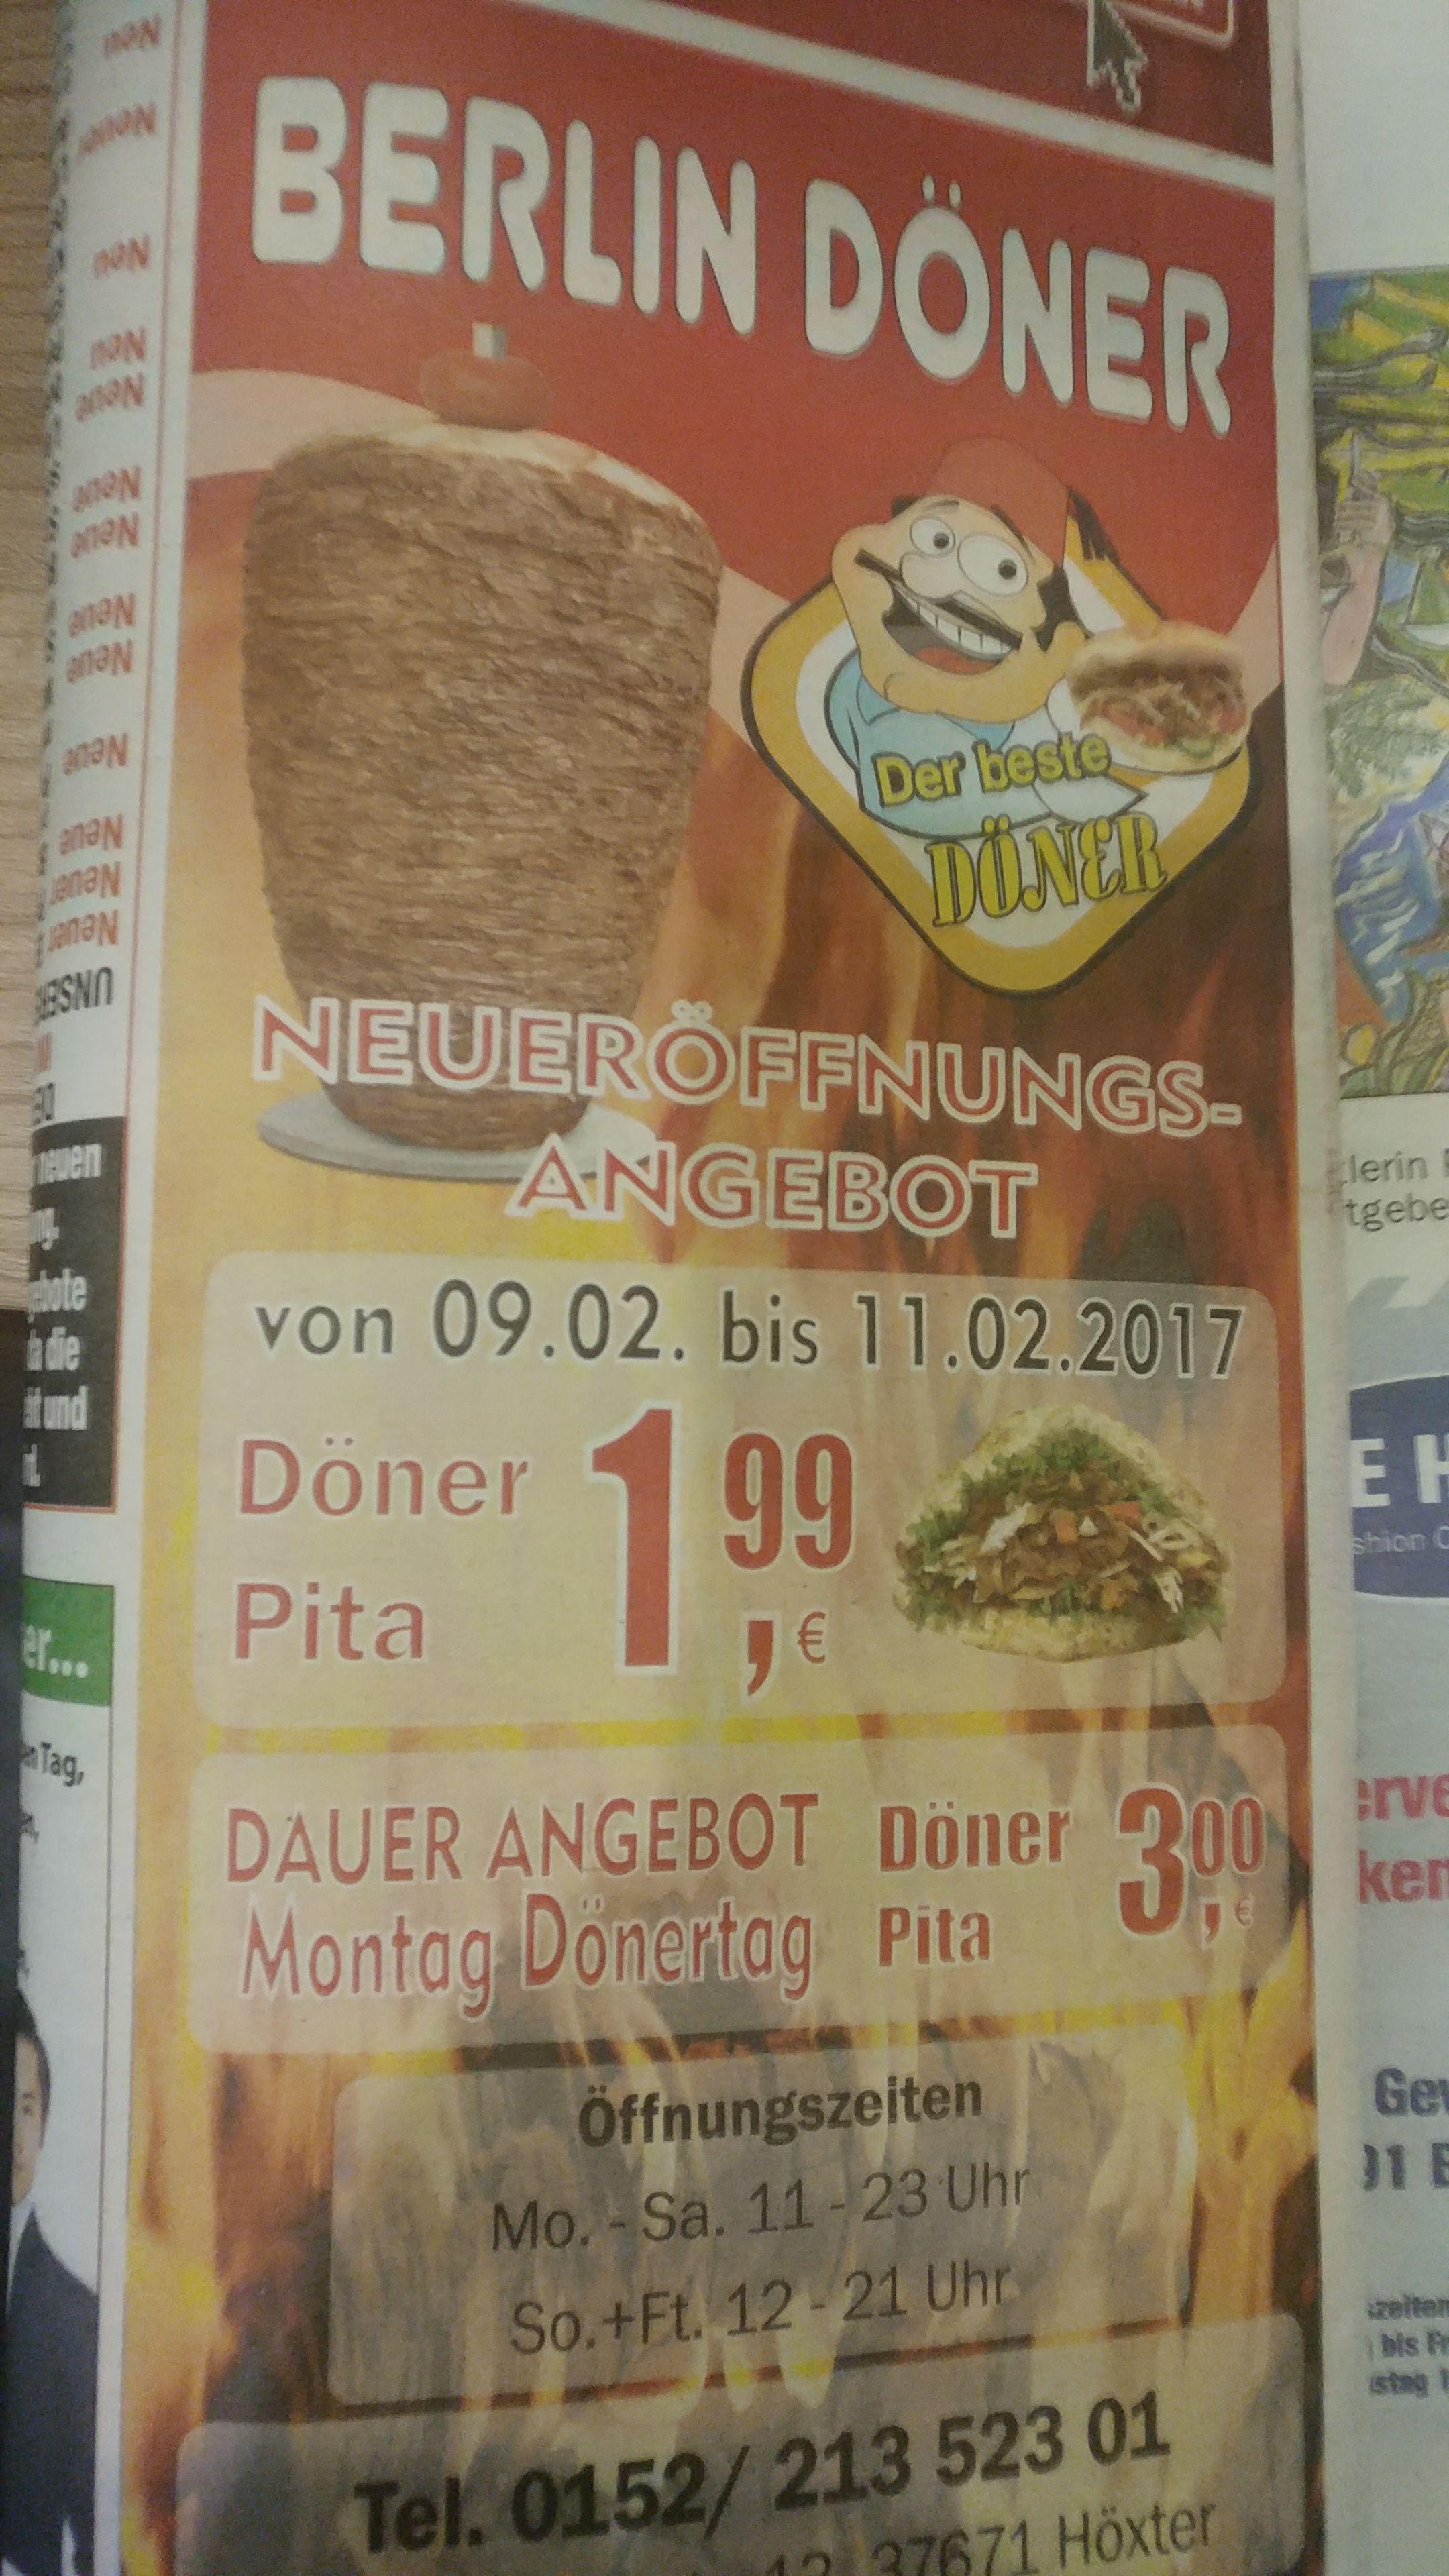 [Lokal HX] Döner Pita Neueröffnungsangebot für 1,99 statt 4 €